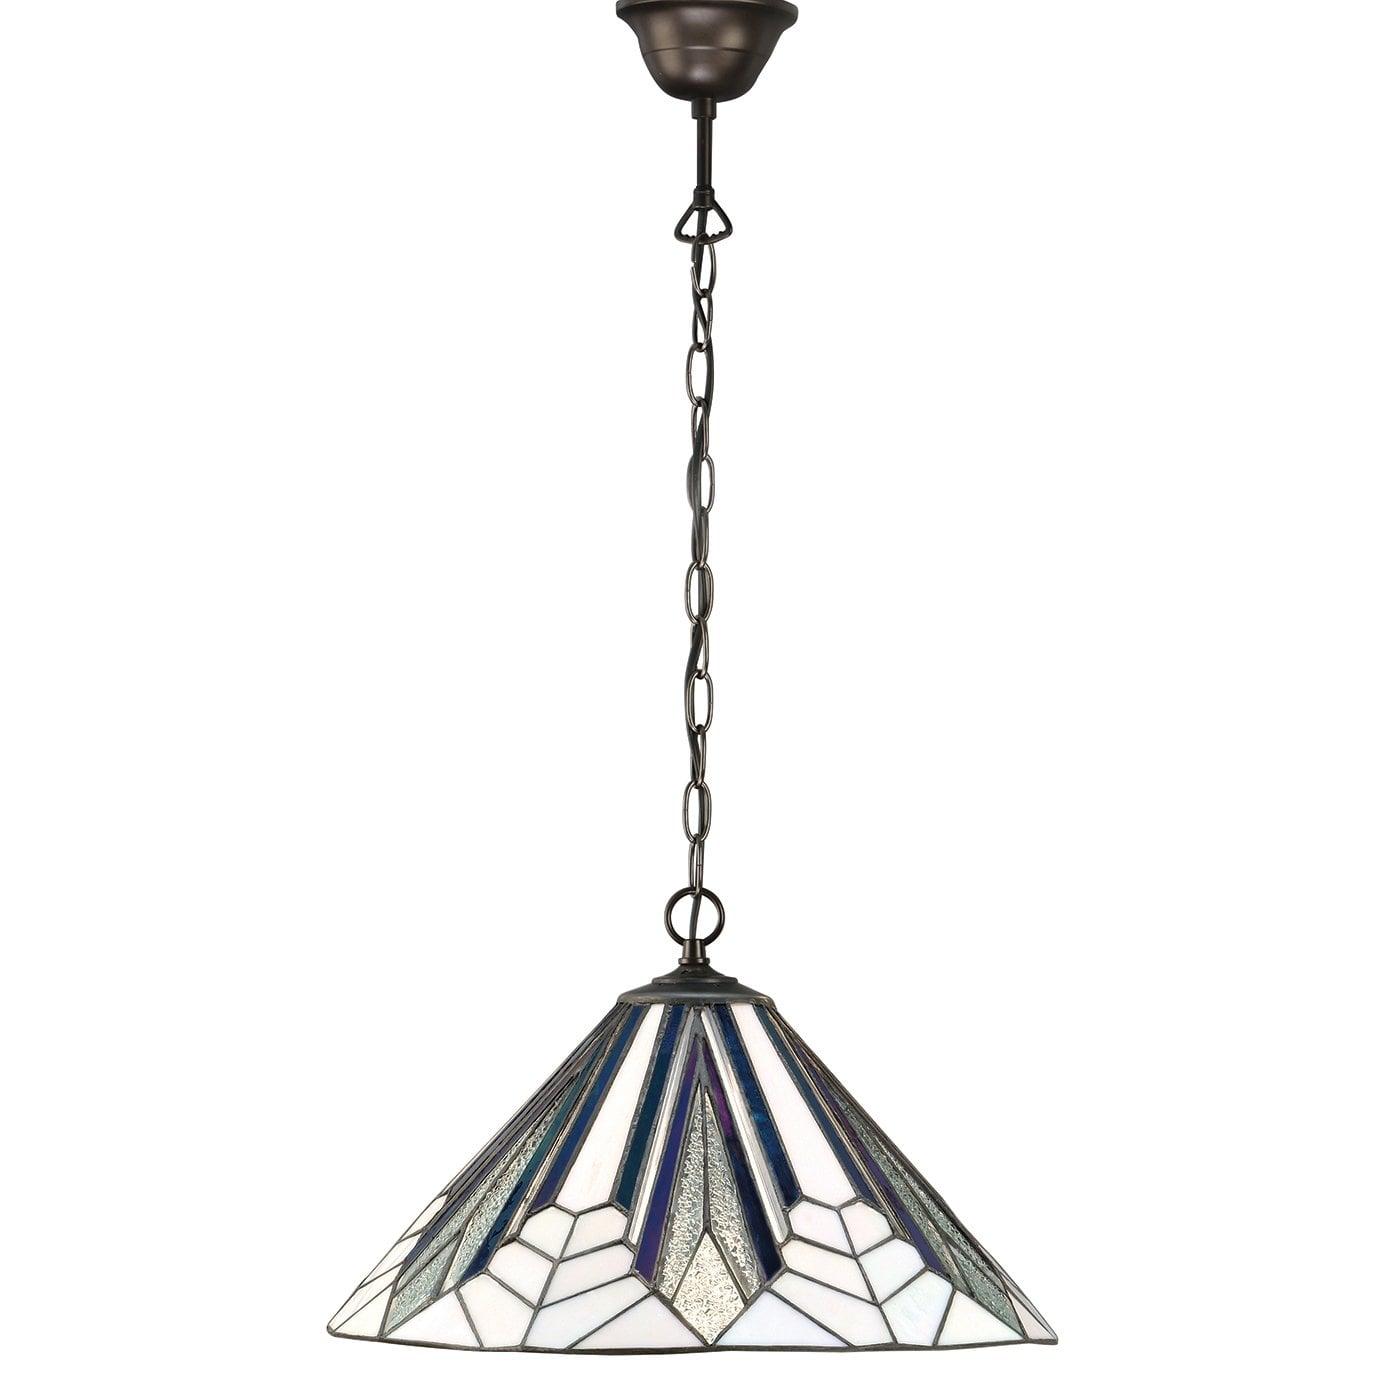 Interiors 1900 63937 Astoria Medium 1lt pendant, Tiffany